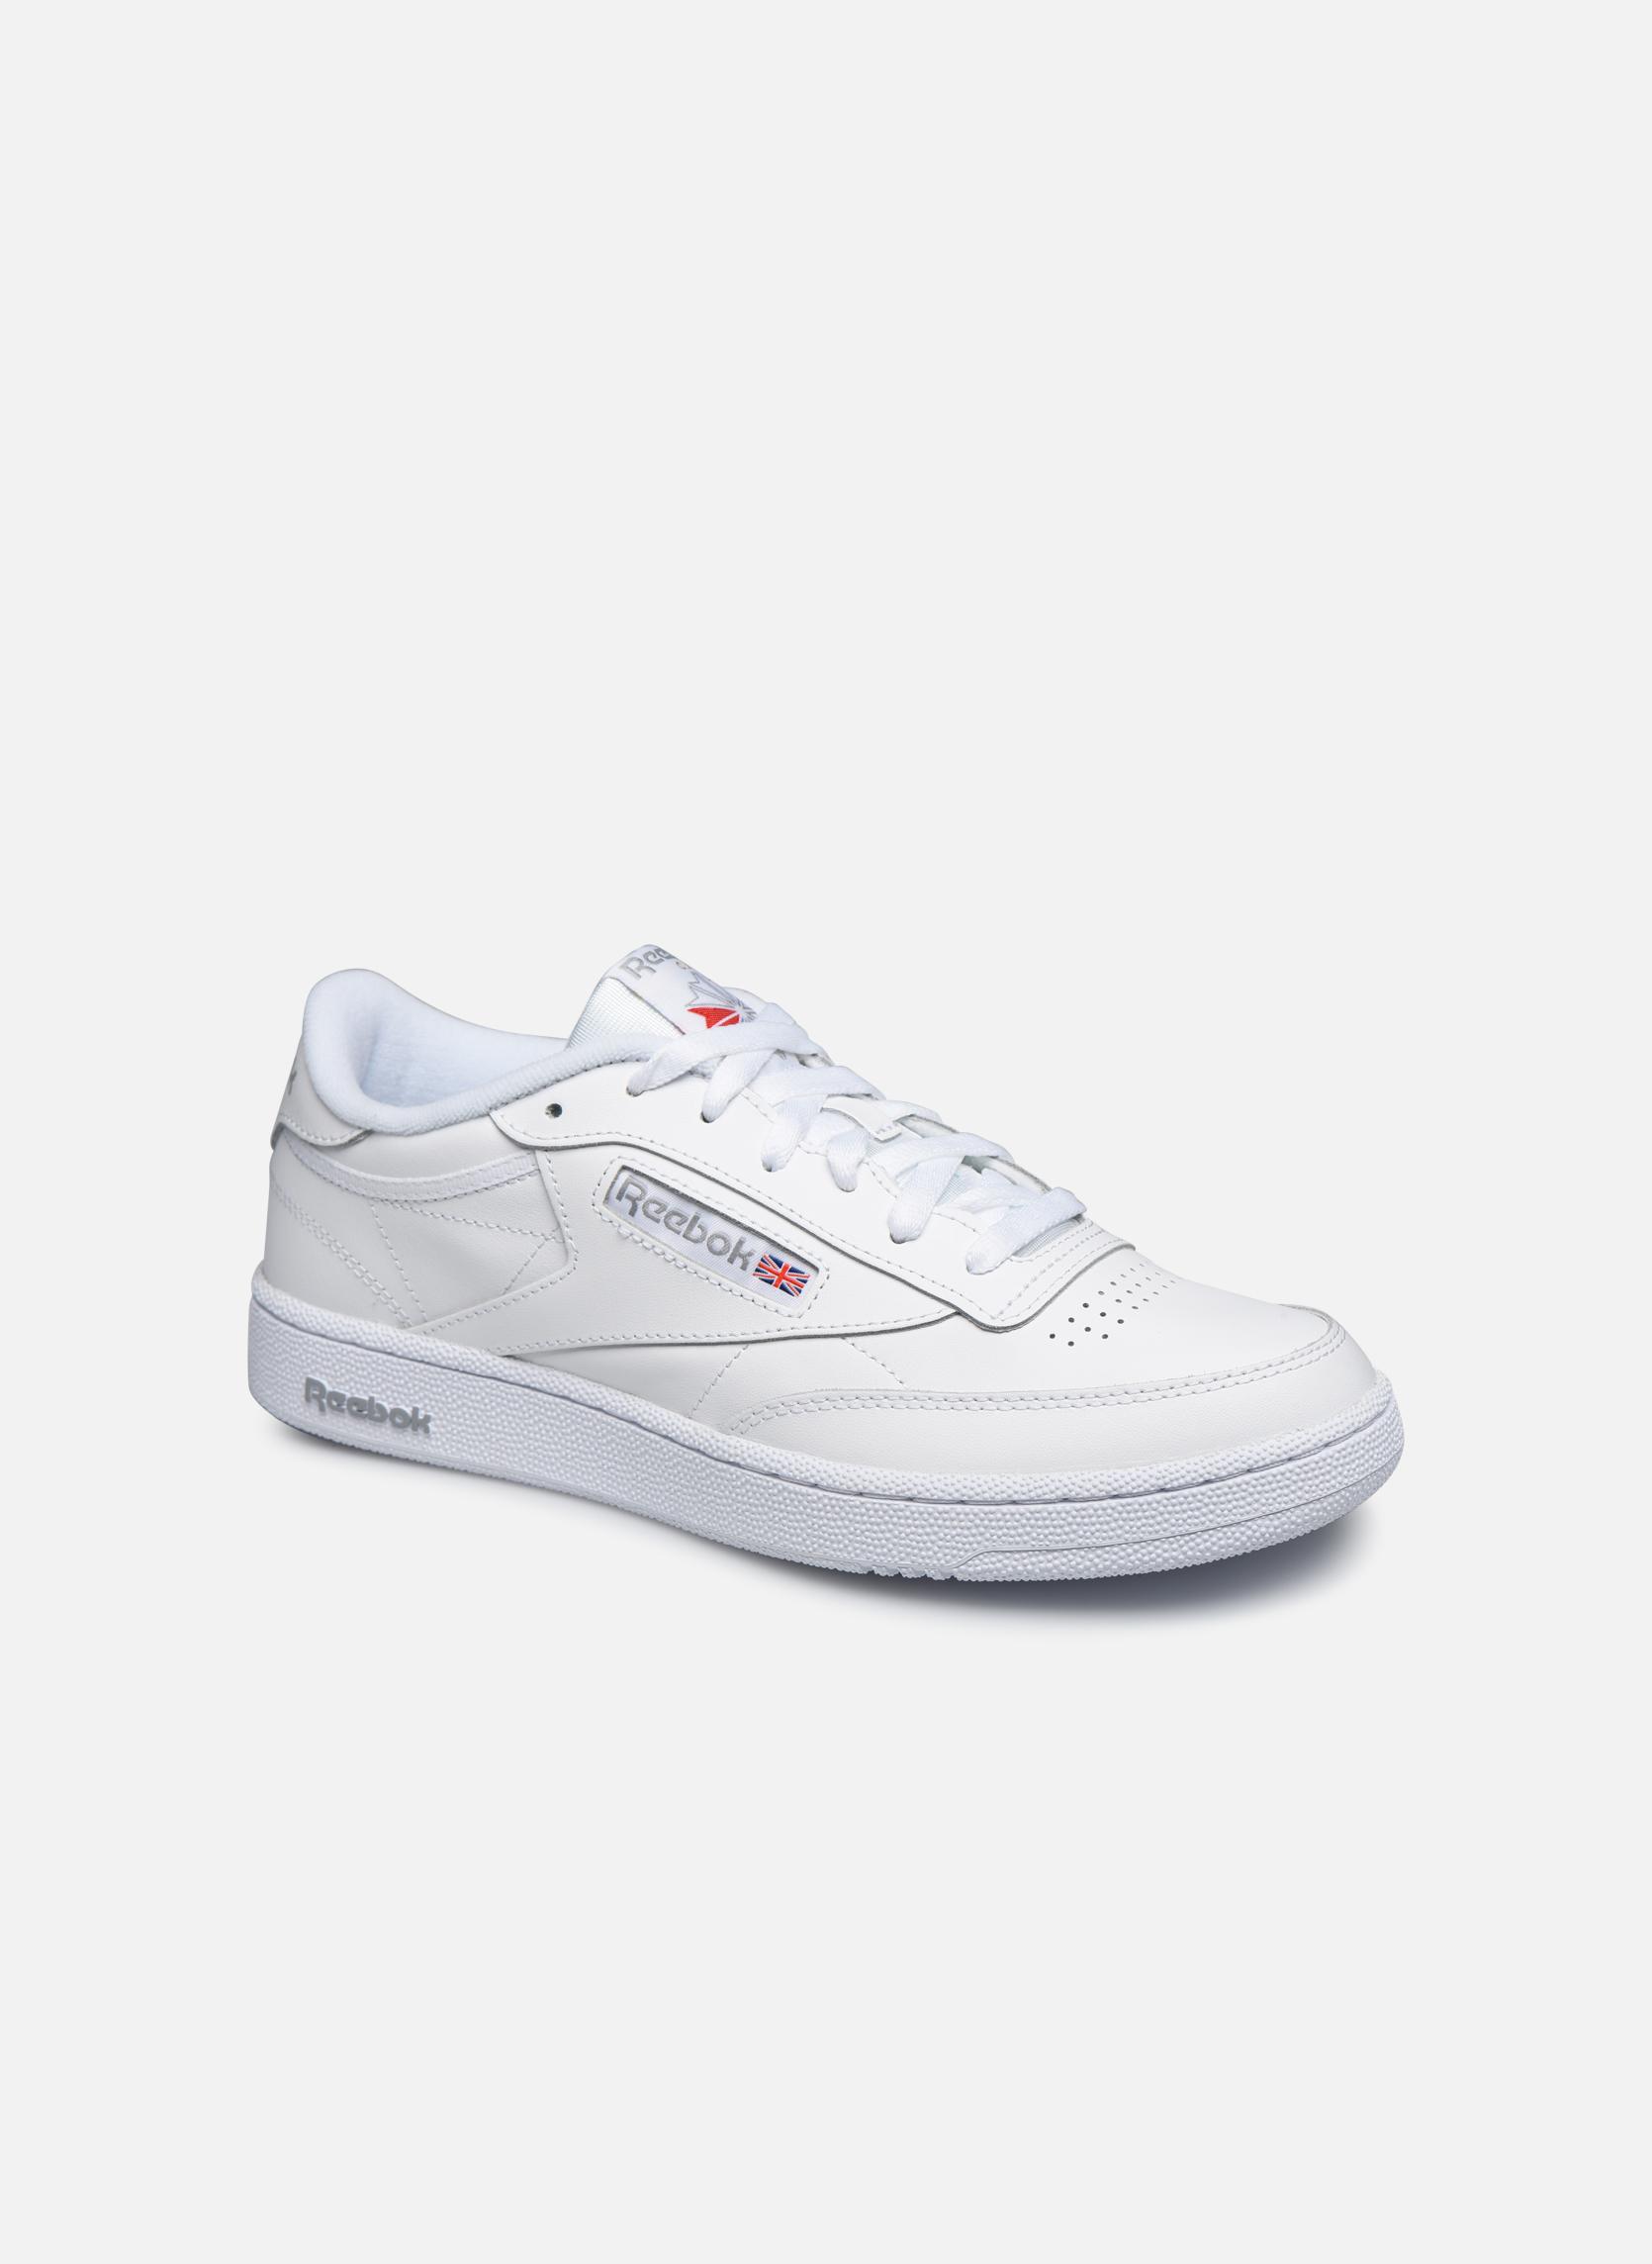 Int-White/Royal-Gum Reebok Club C 85 (Blanc)